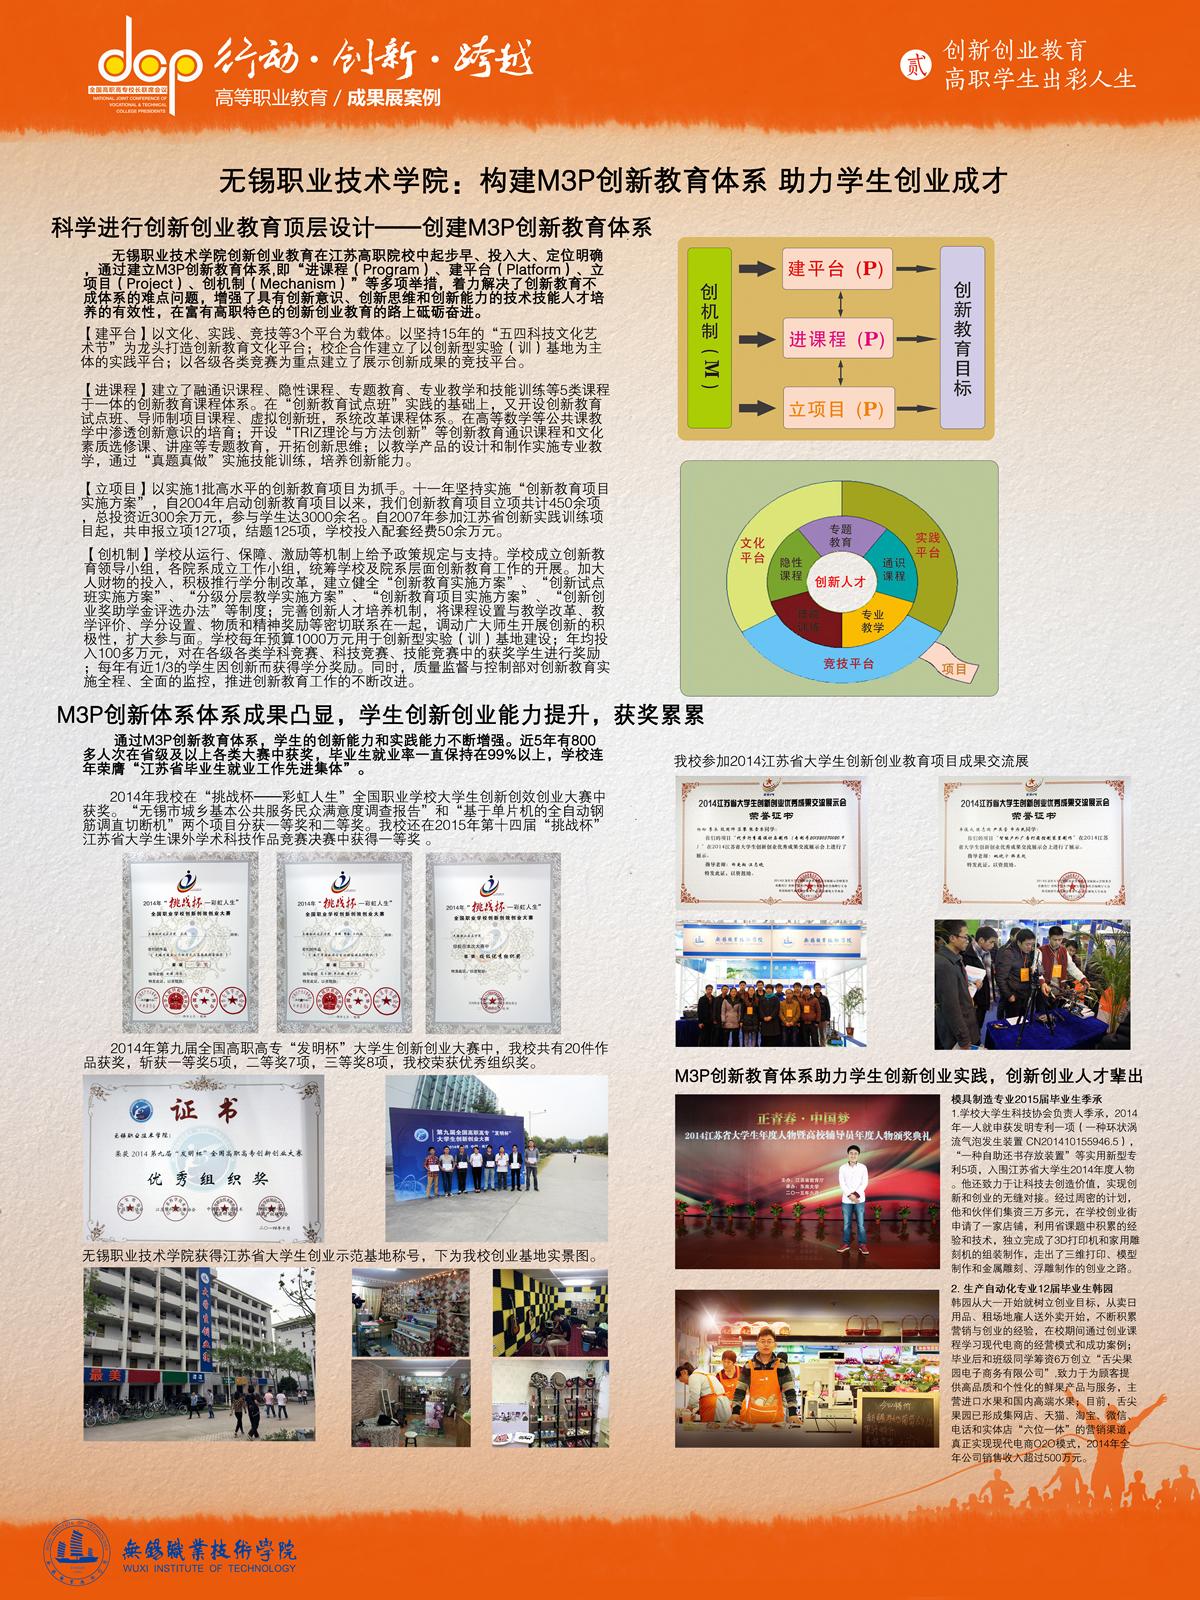 无锡职业技术学院宣传展板2构建m3p创新体系助力学生